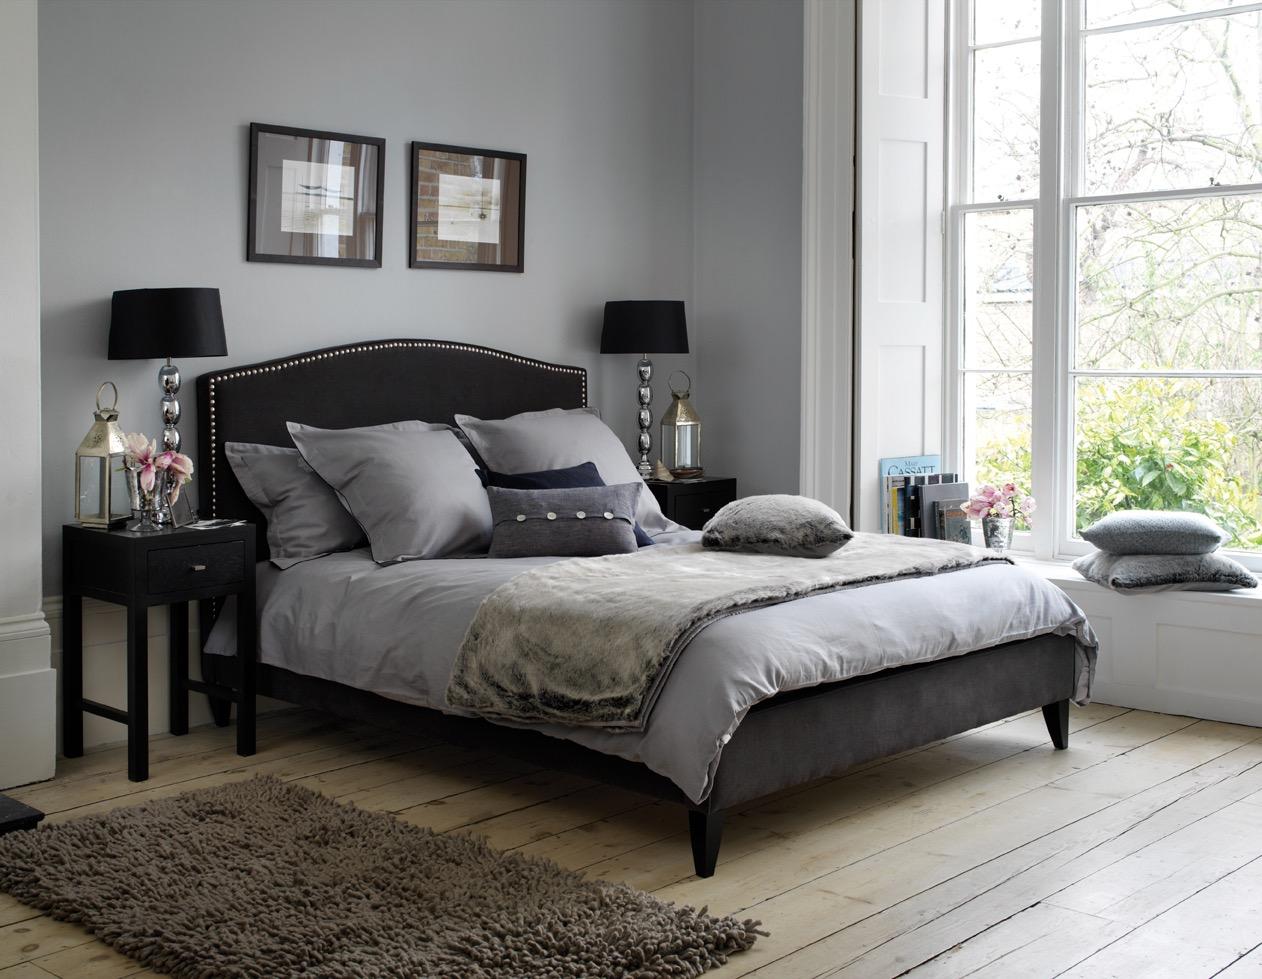 Camera da letto stile shabby chic : camera da letto stile shabby chic.